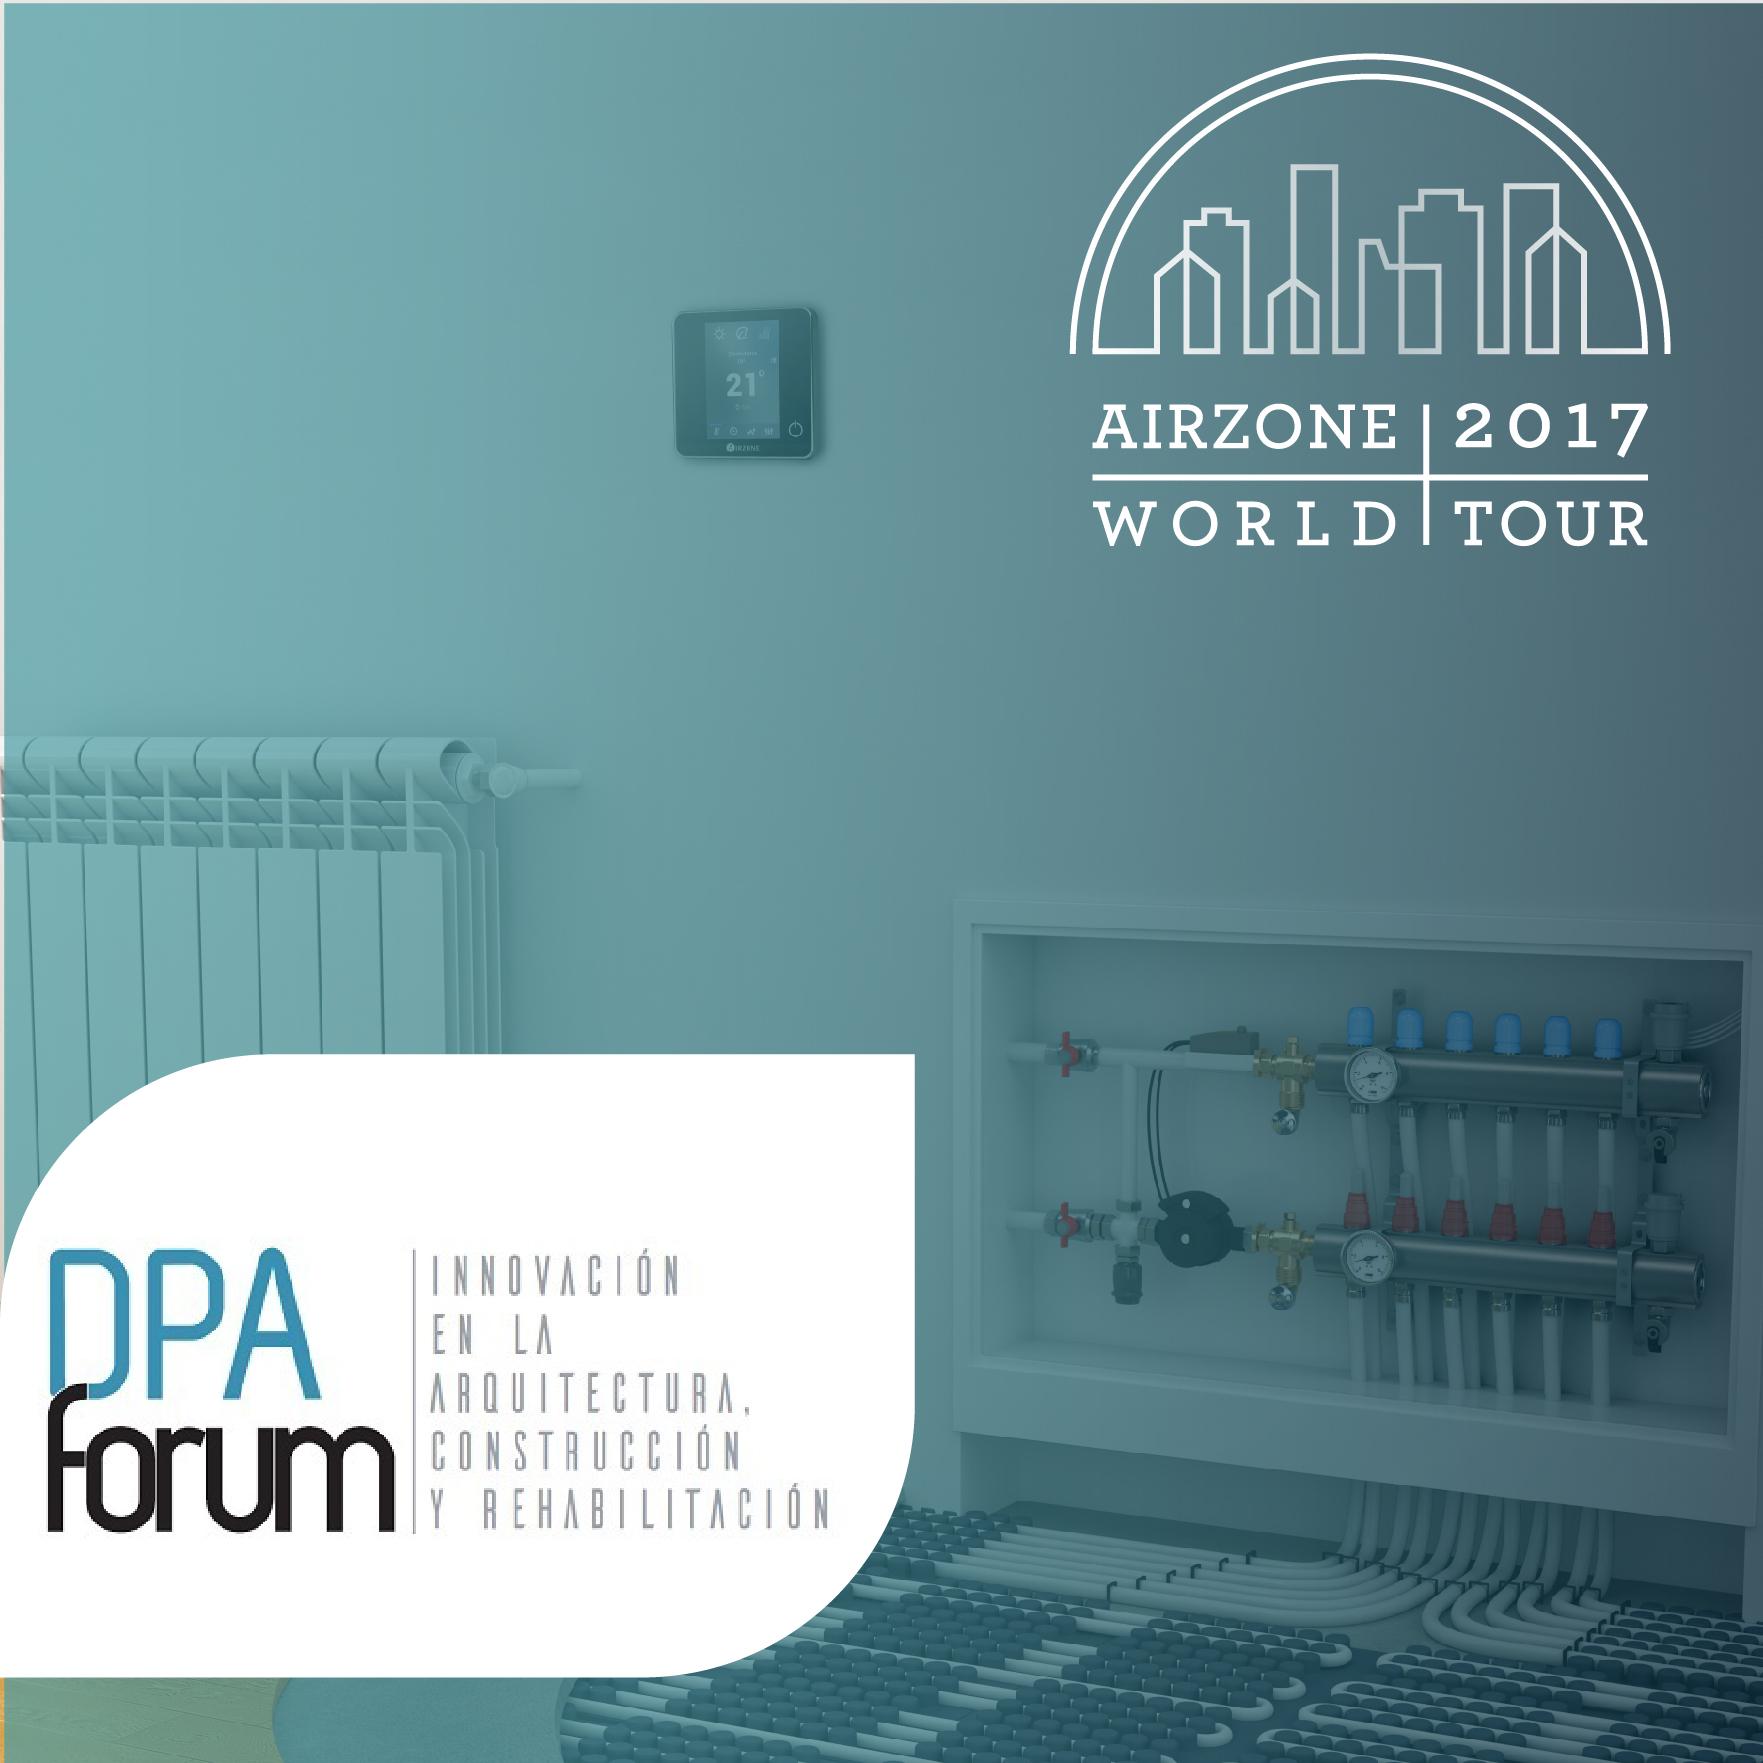 I Foro de Innovación en la Arquitectura, Construcción y Rehabilitación - DPAForum Bilbao